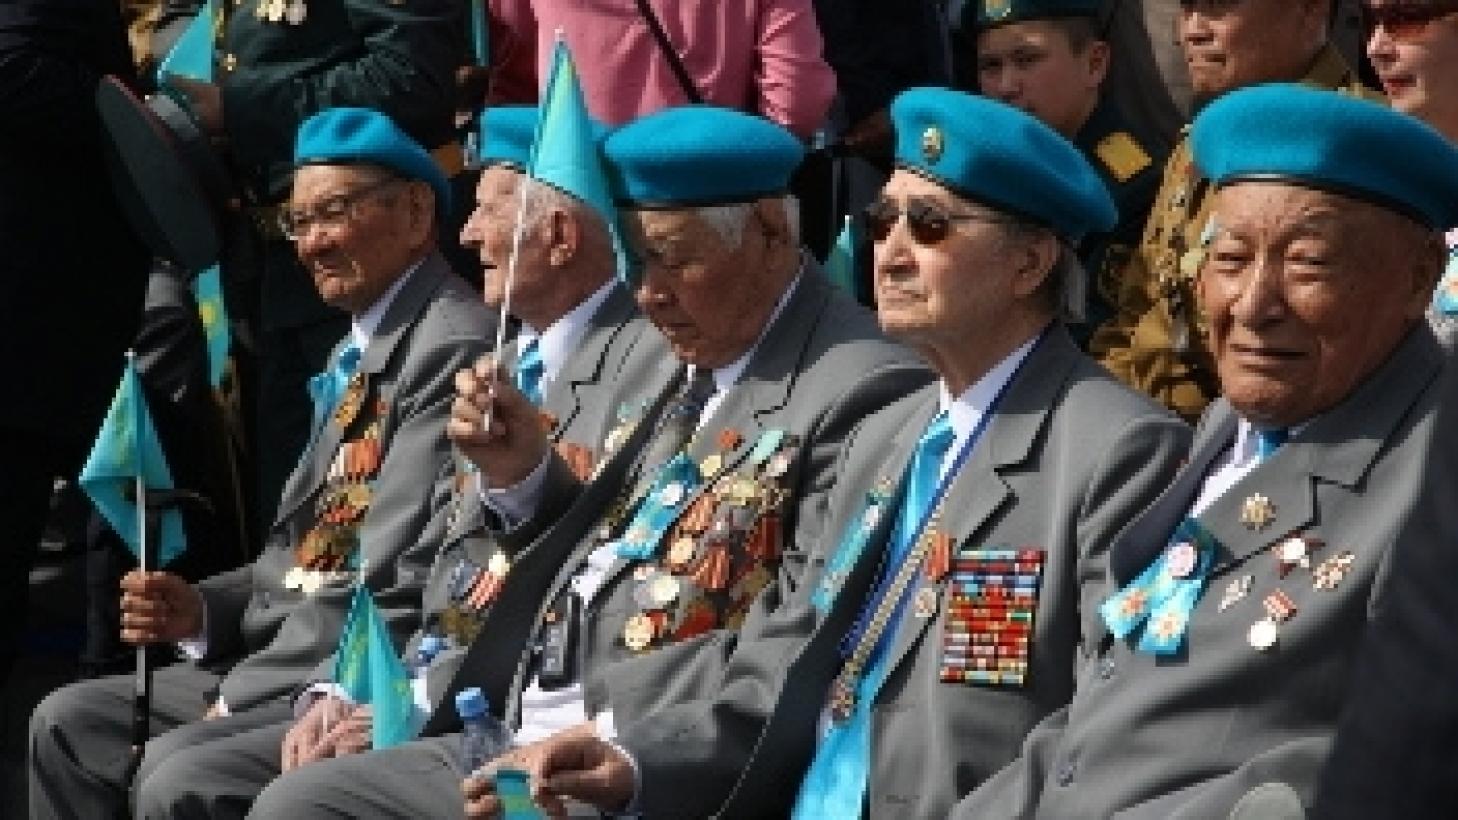 Выплаты ветеранам ВОВ в Алматы увеличили в 2 раза по предложению акима